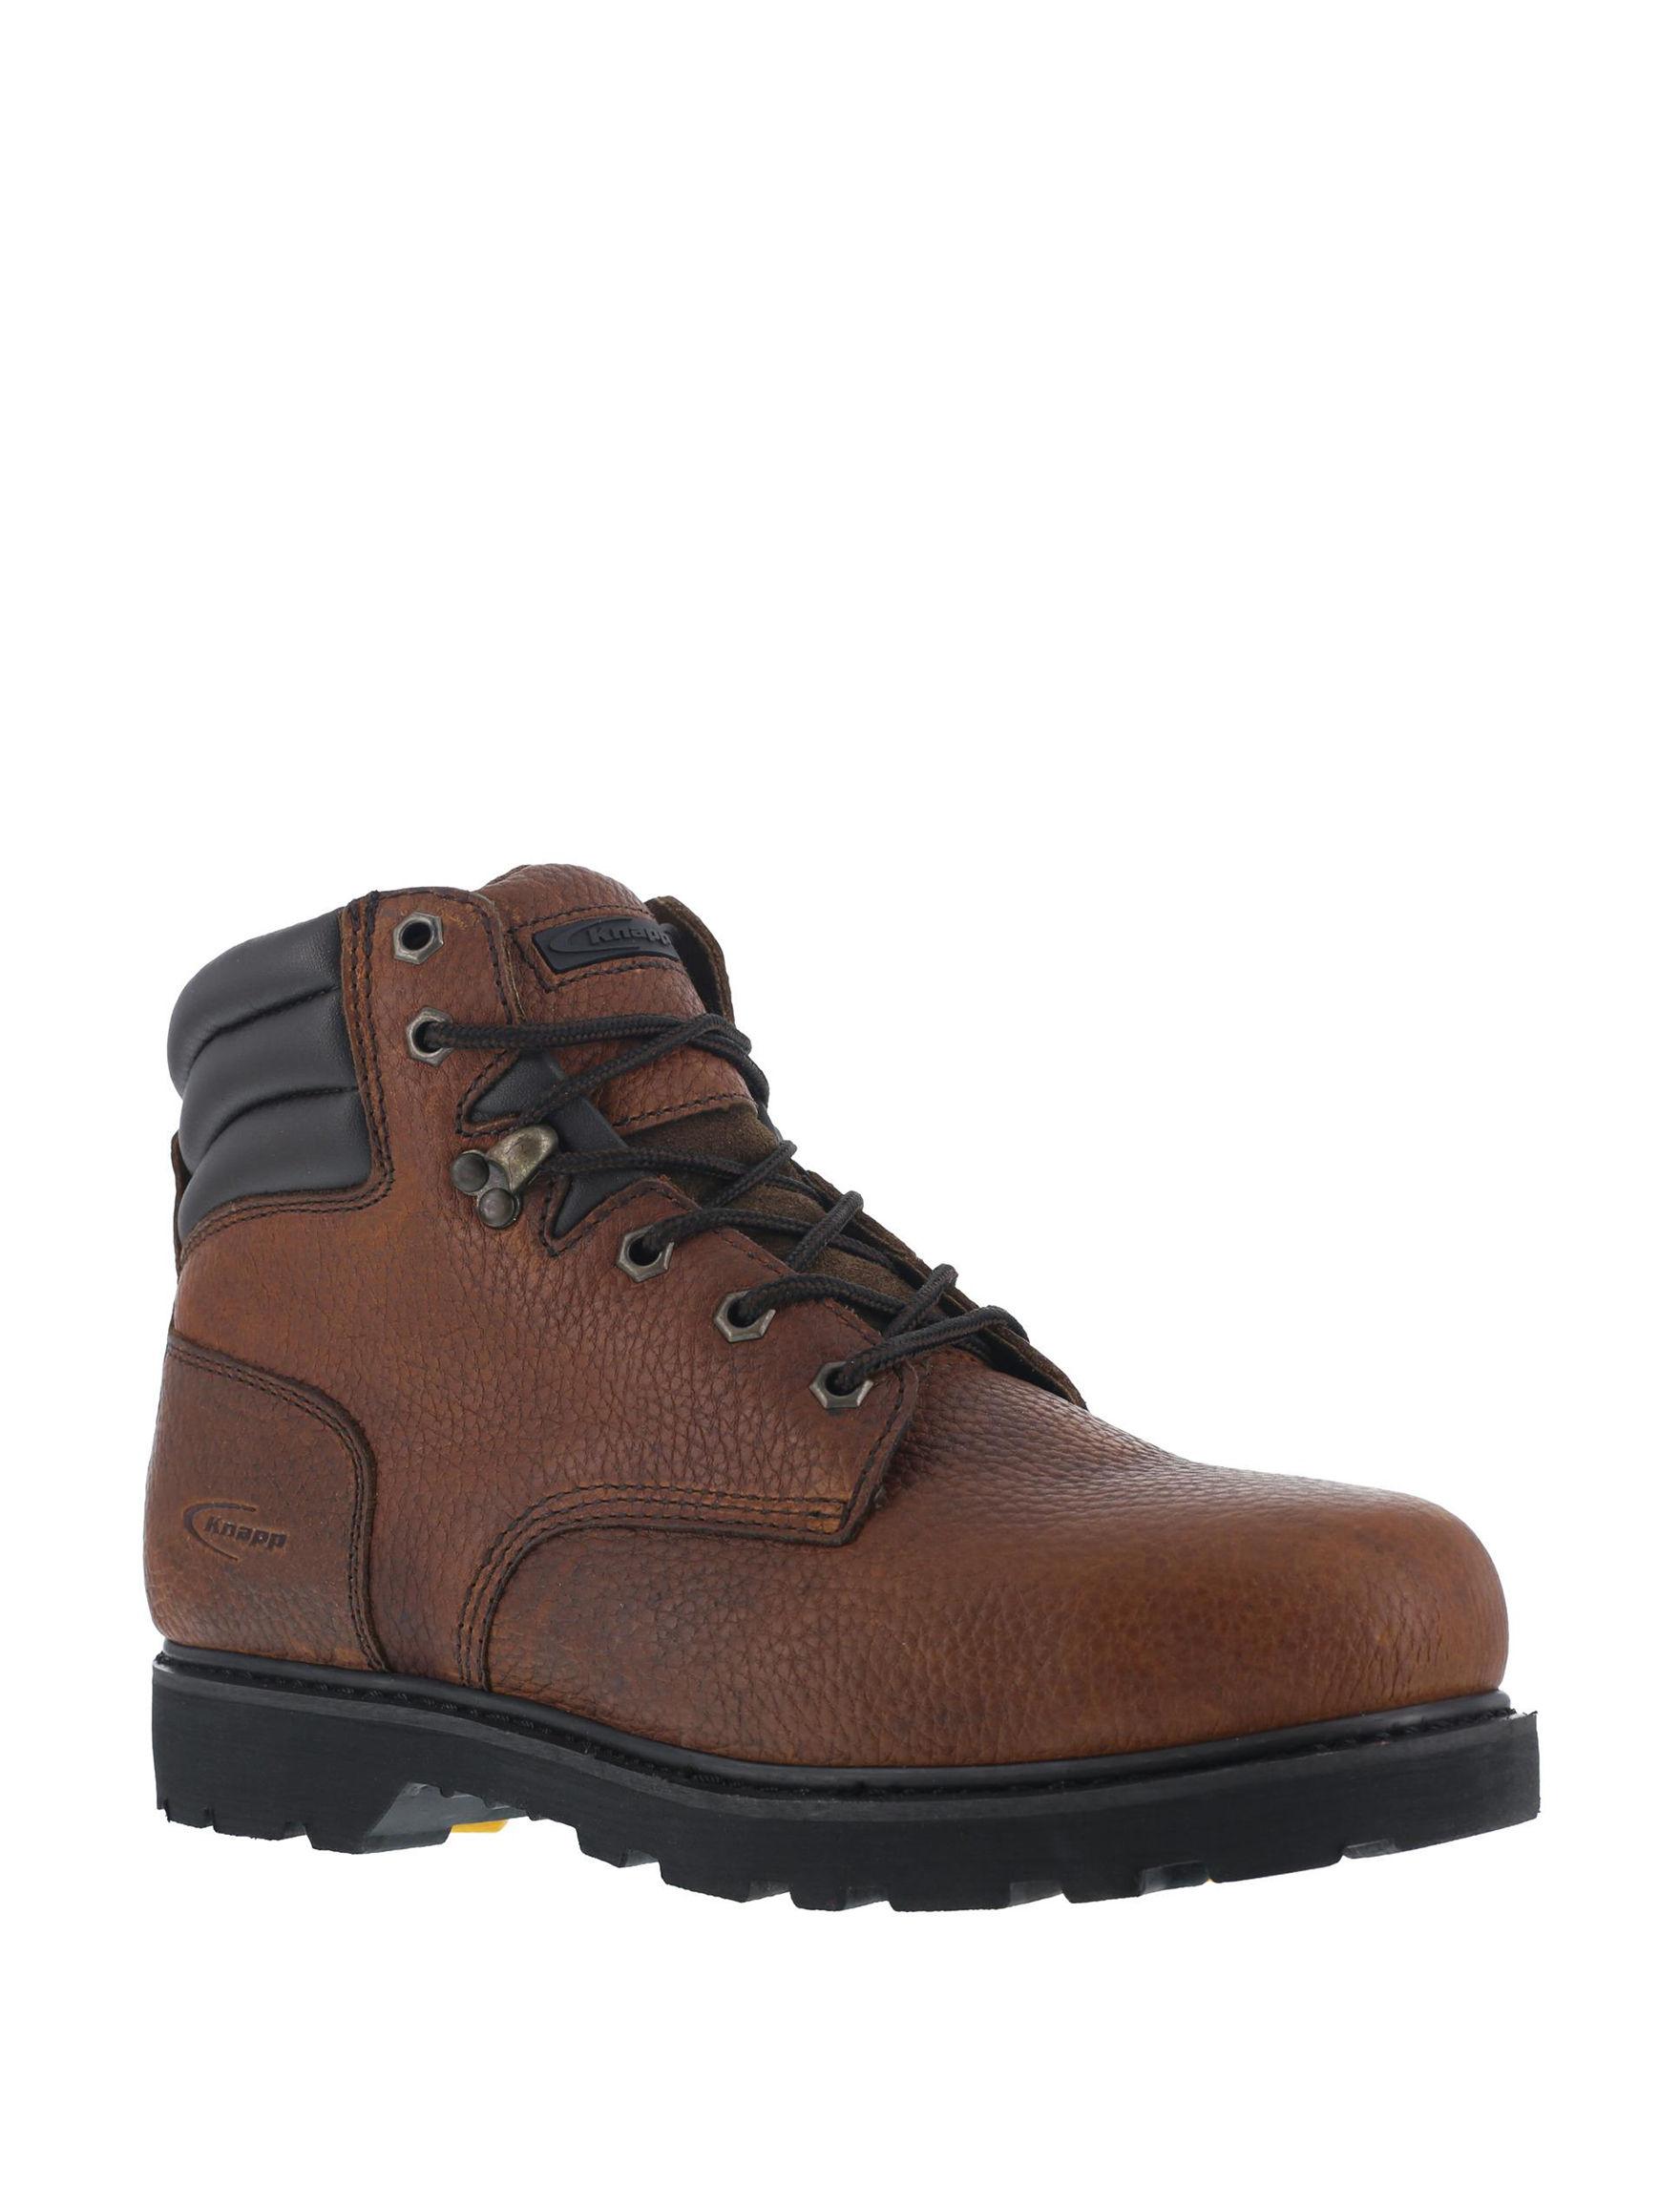 Knapp Brown Slip Resistant Steel Toe